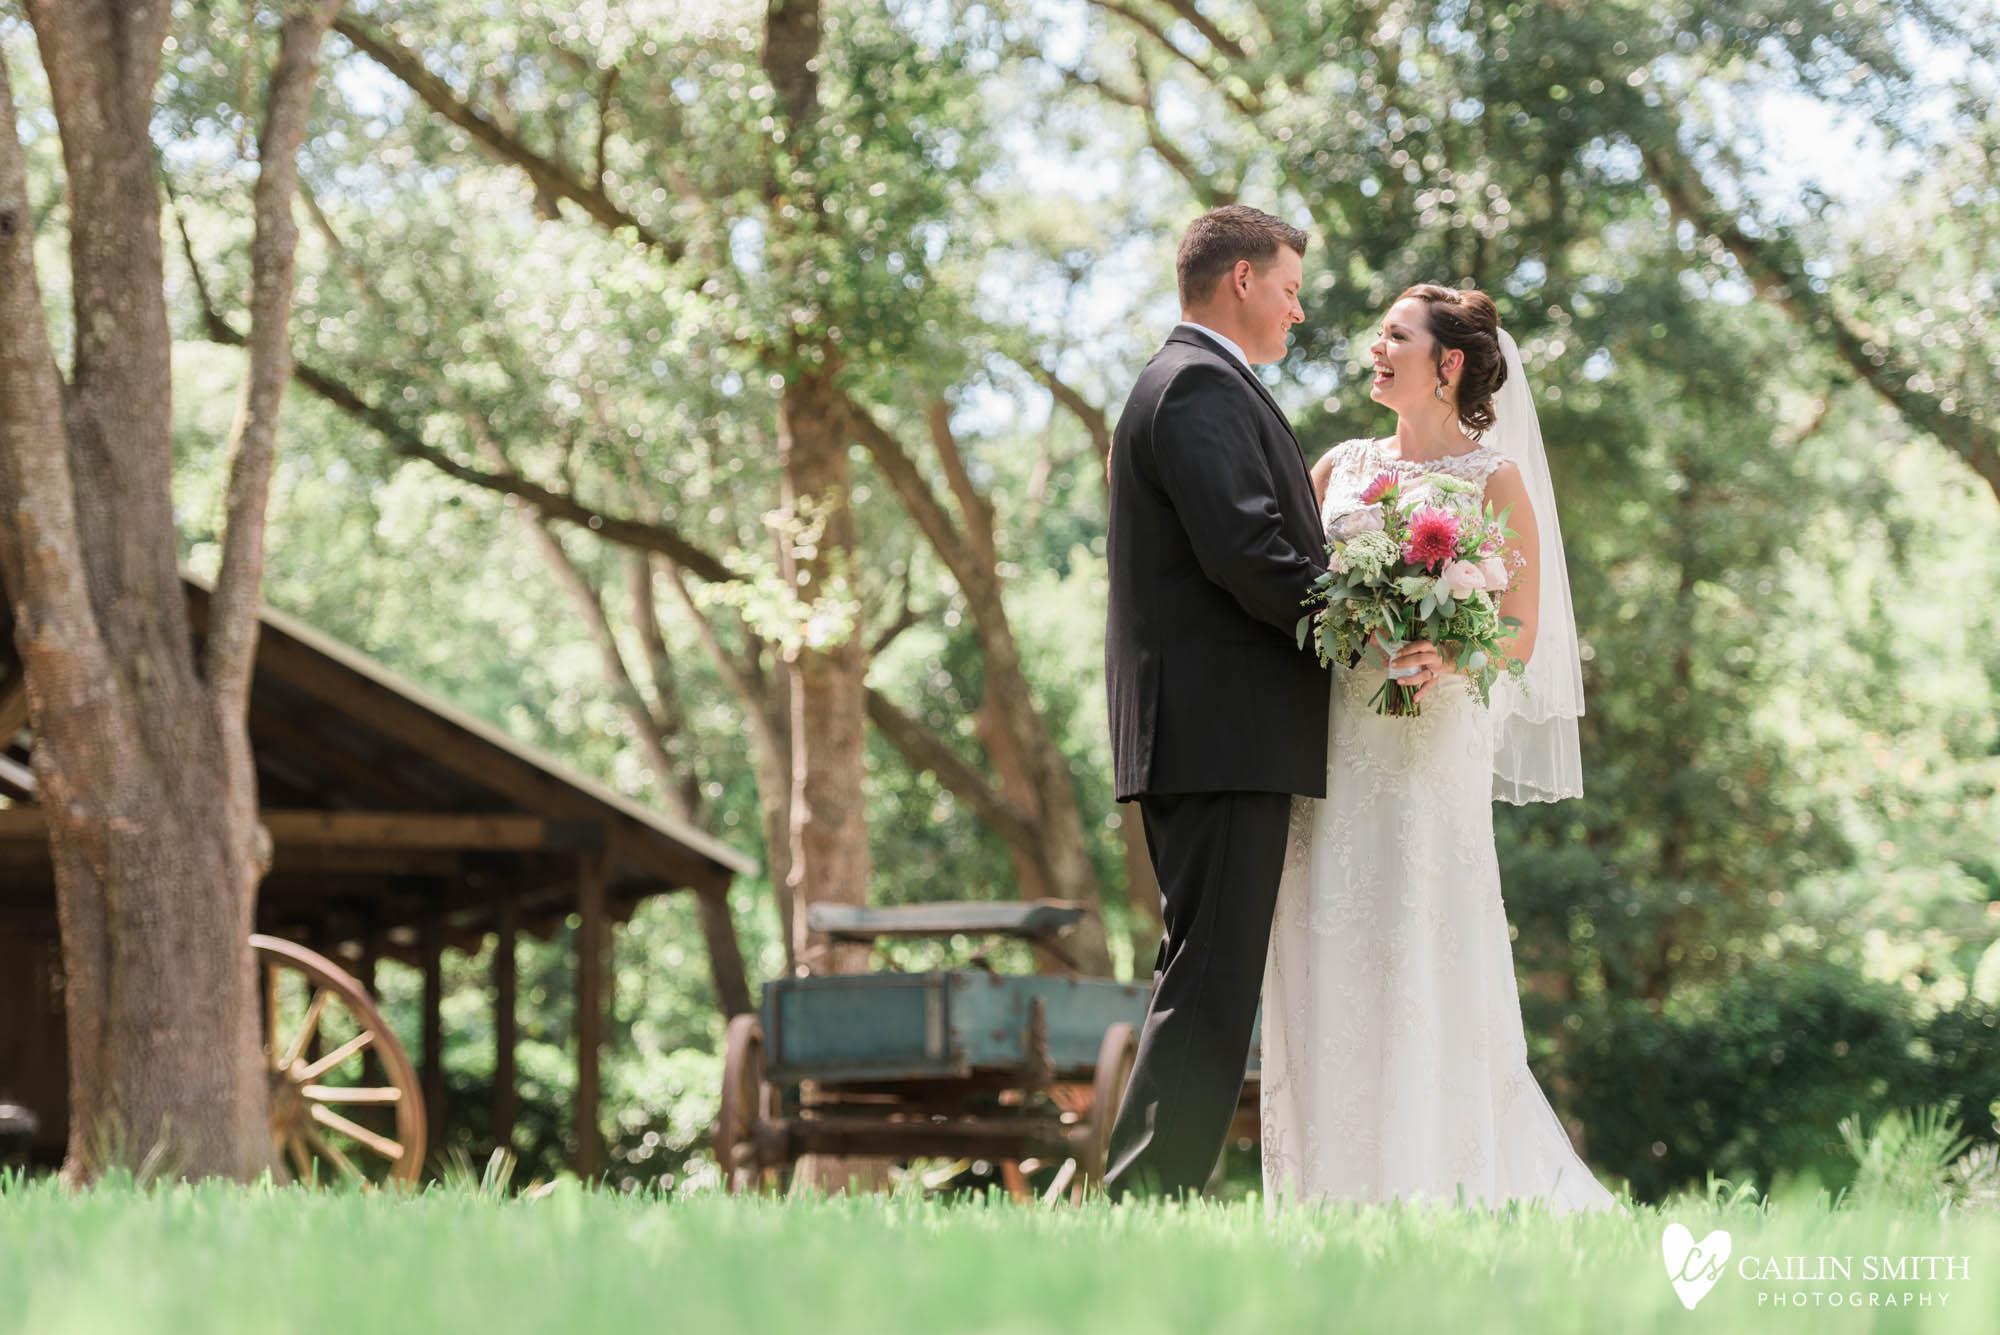 Bethany_Kyle_Bowing_Oaks_Plantation_Wedding_Photography_0037.jpg